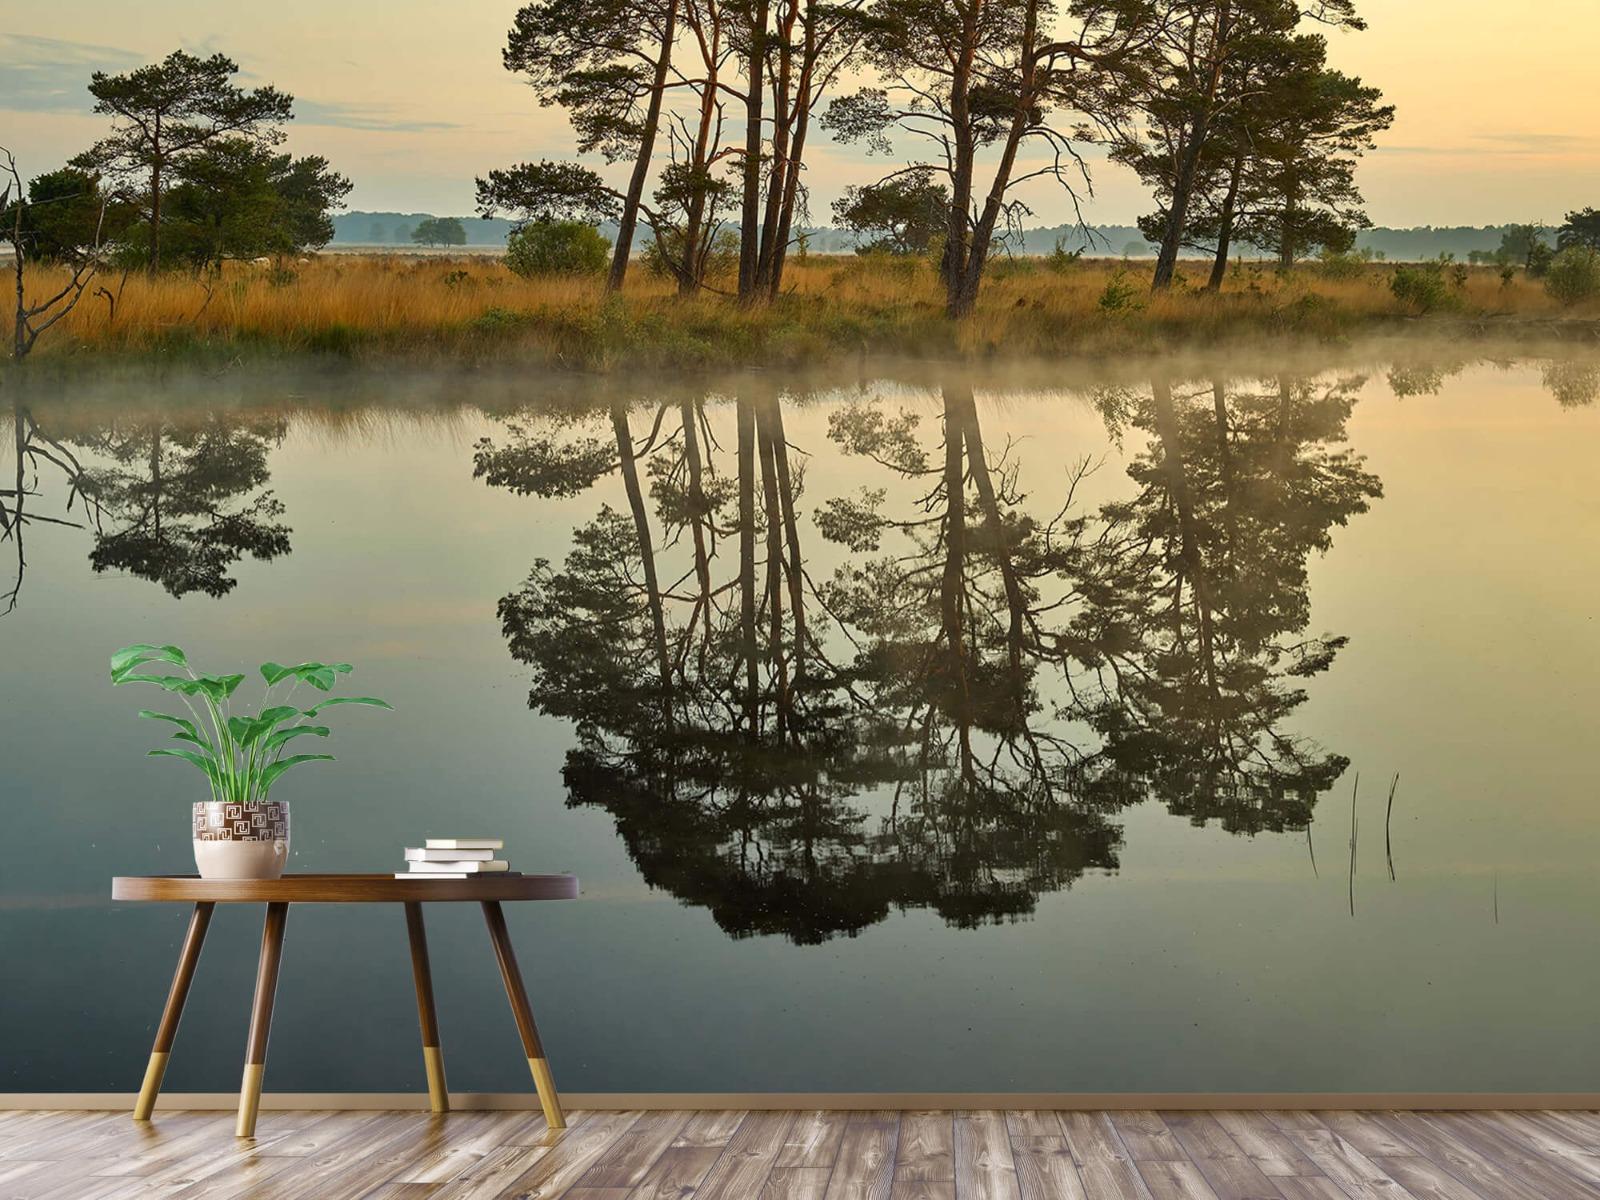 Natuur - Reflectie in bosven 6